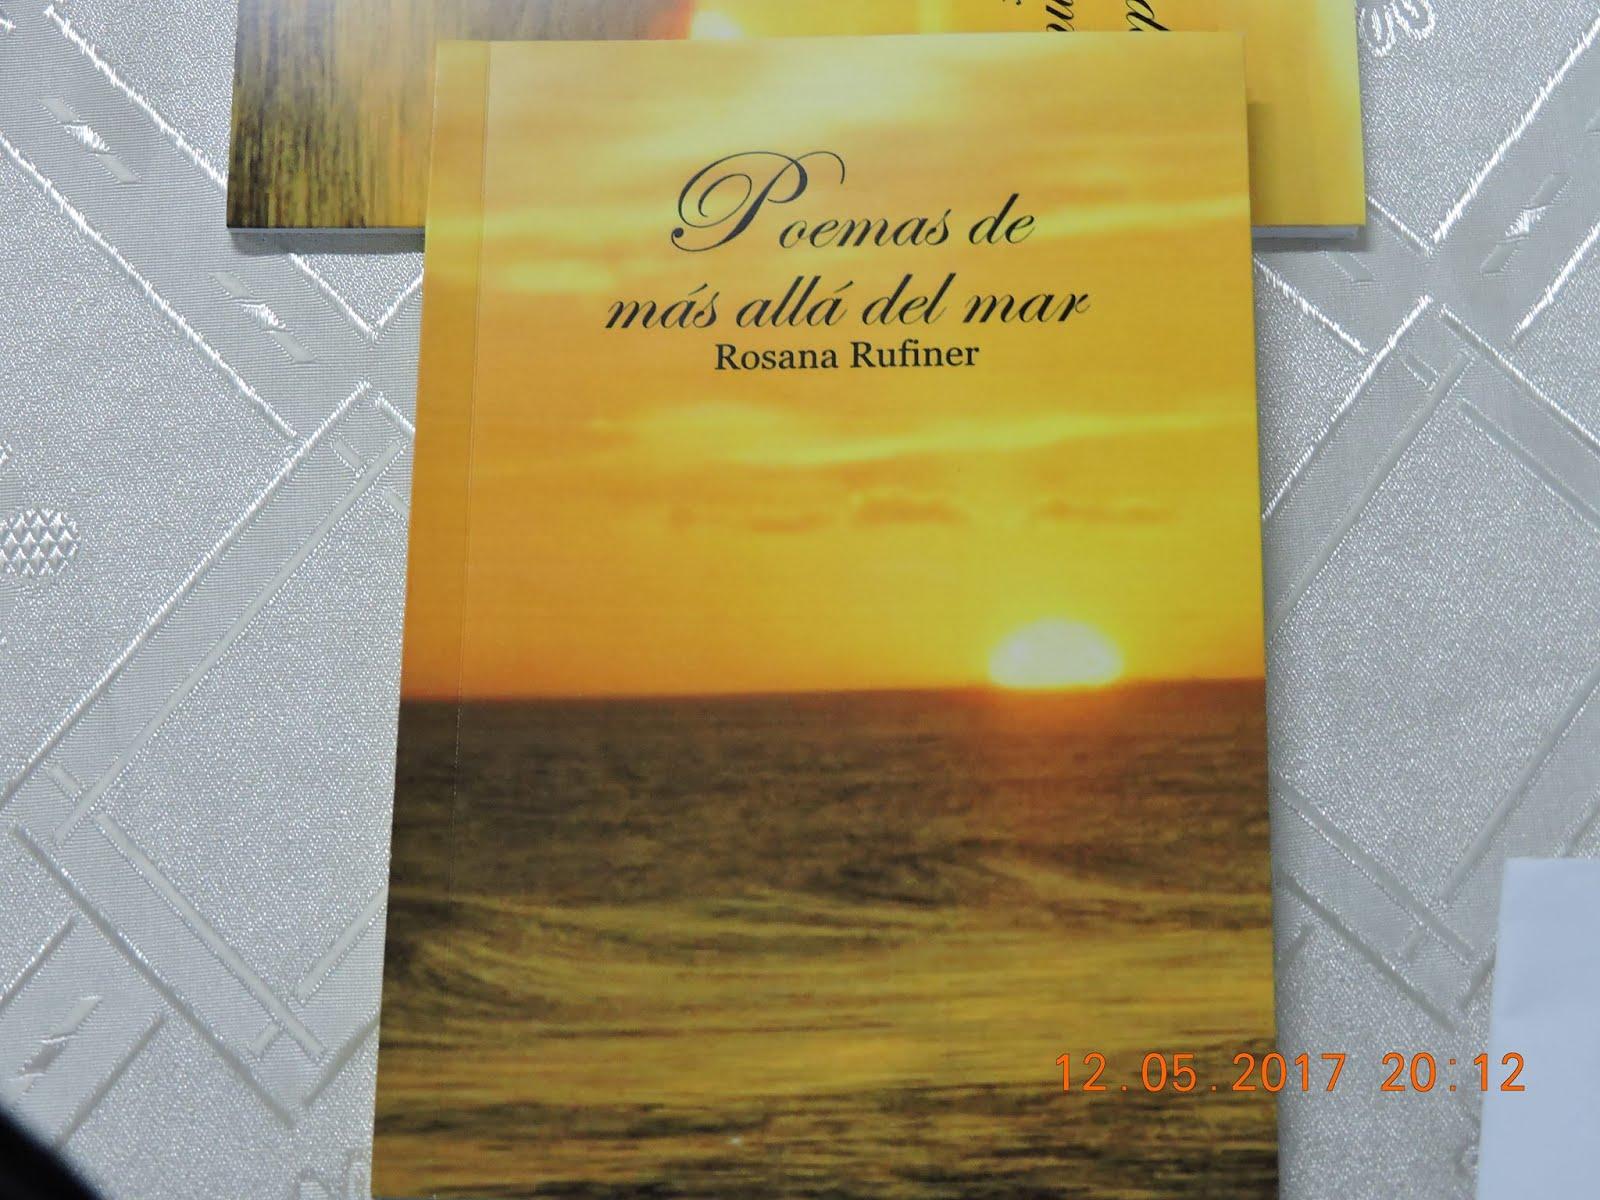 Poemas de más allá del mar